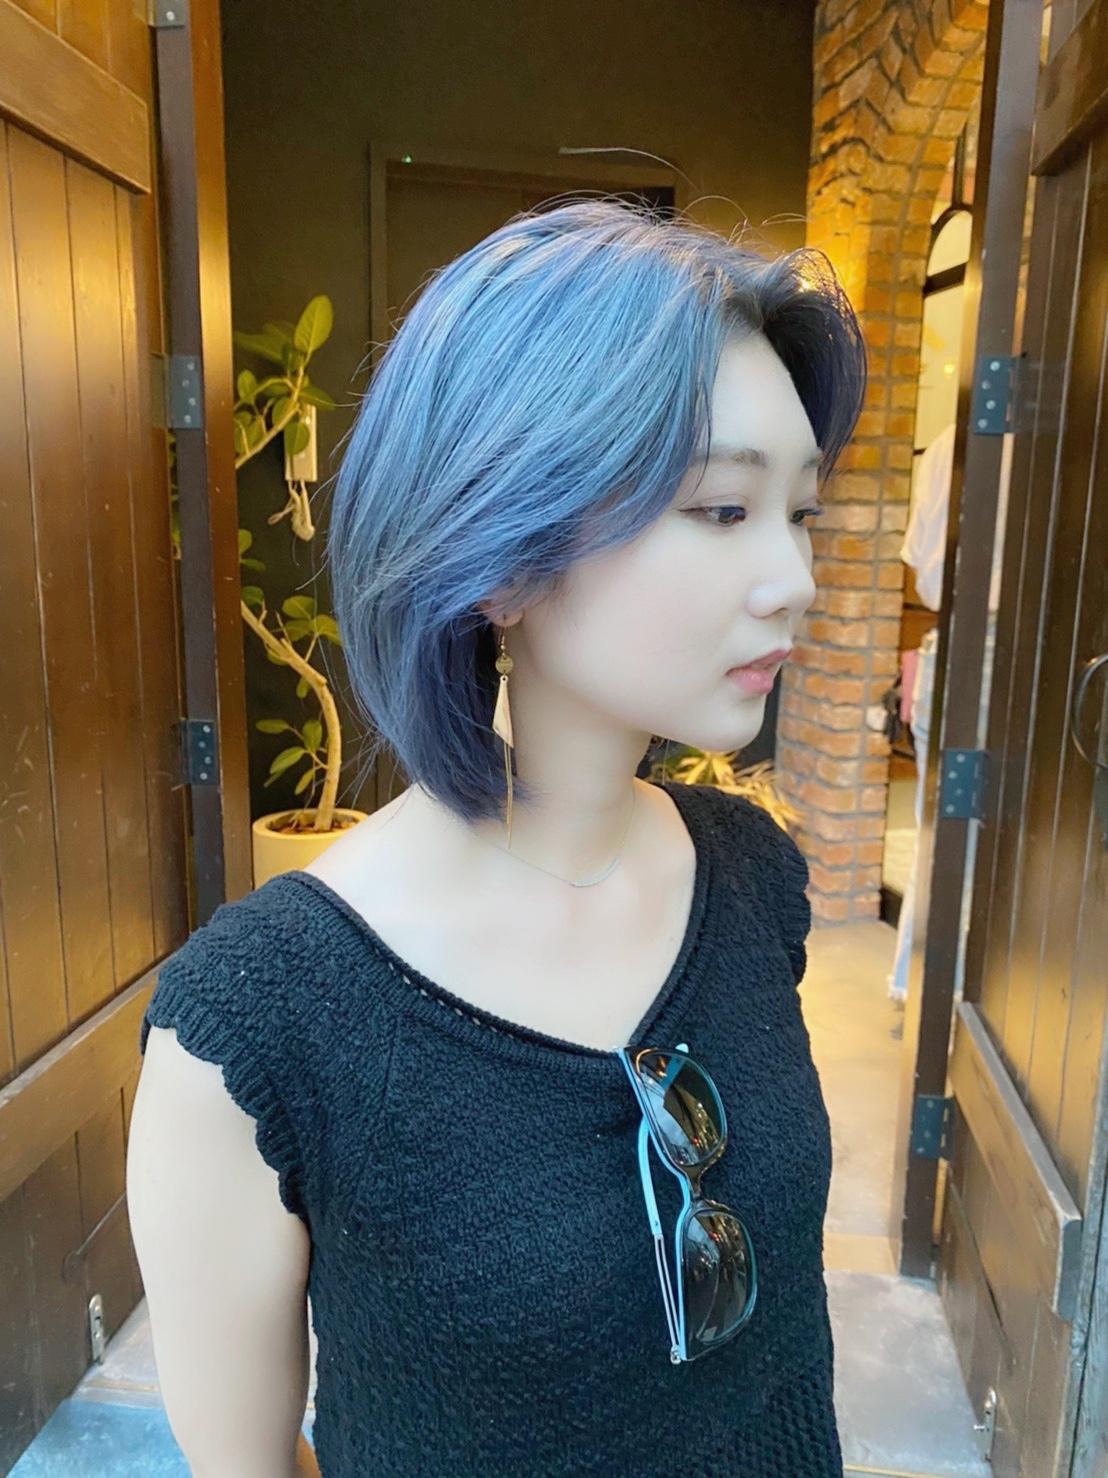 青髪 派手髪 透明感カラー ブリーチ 美容室